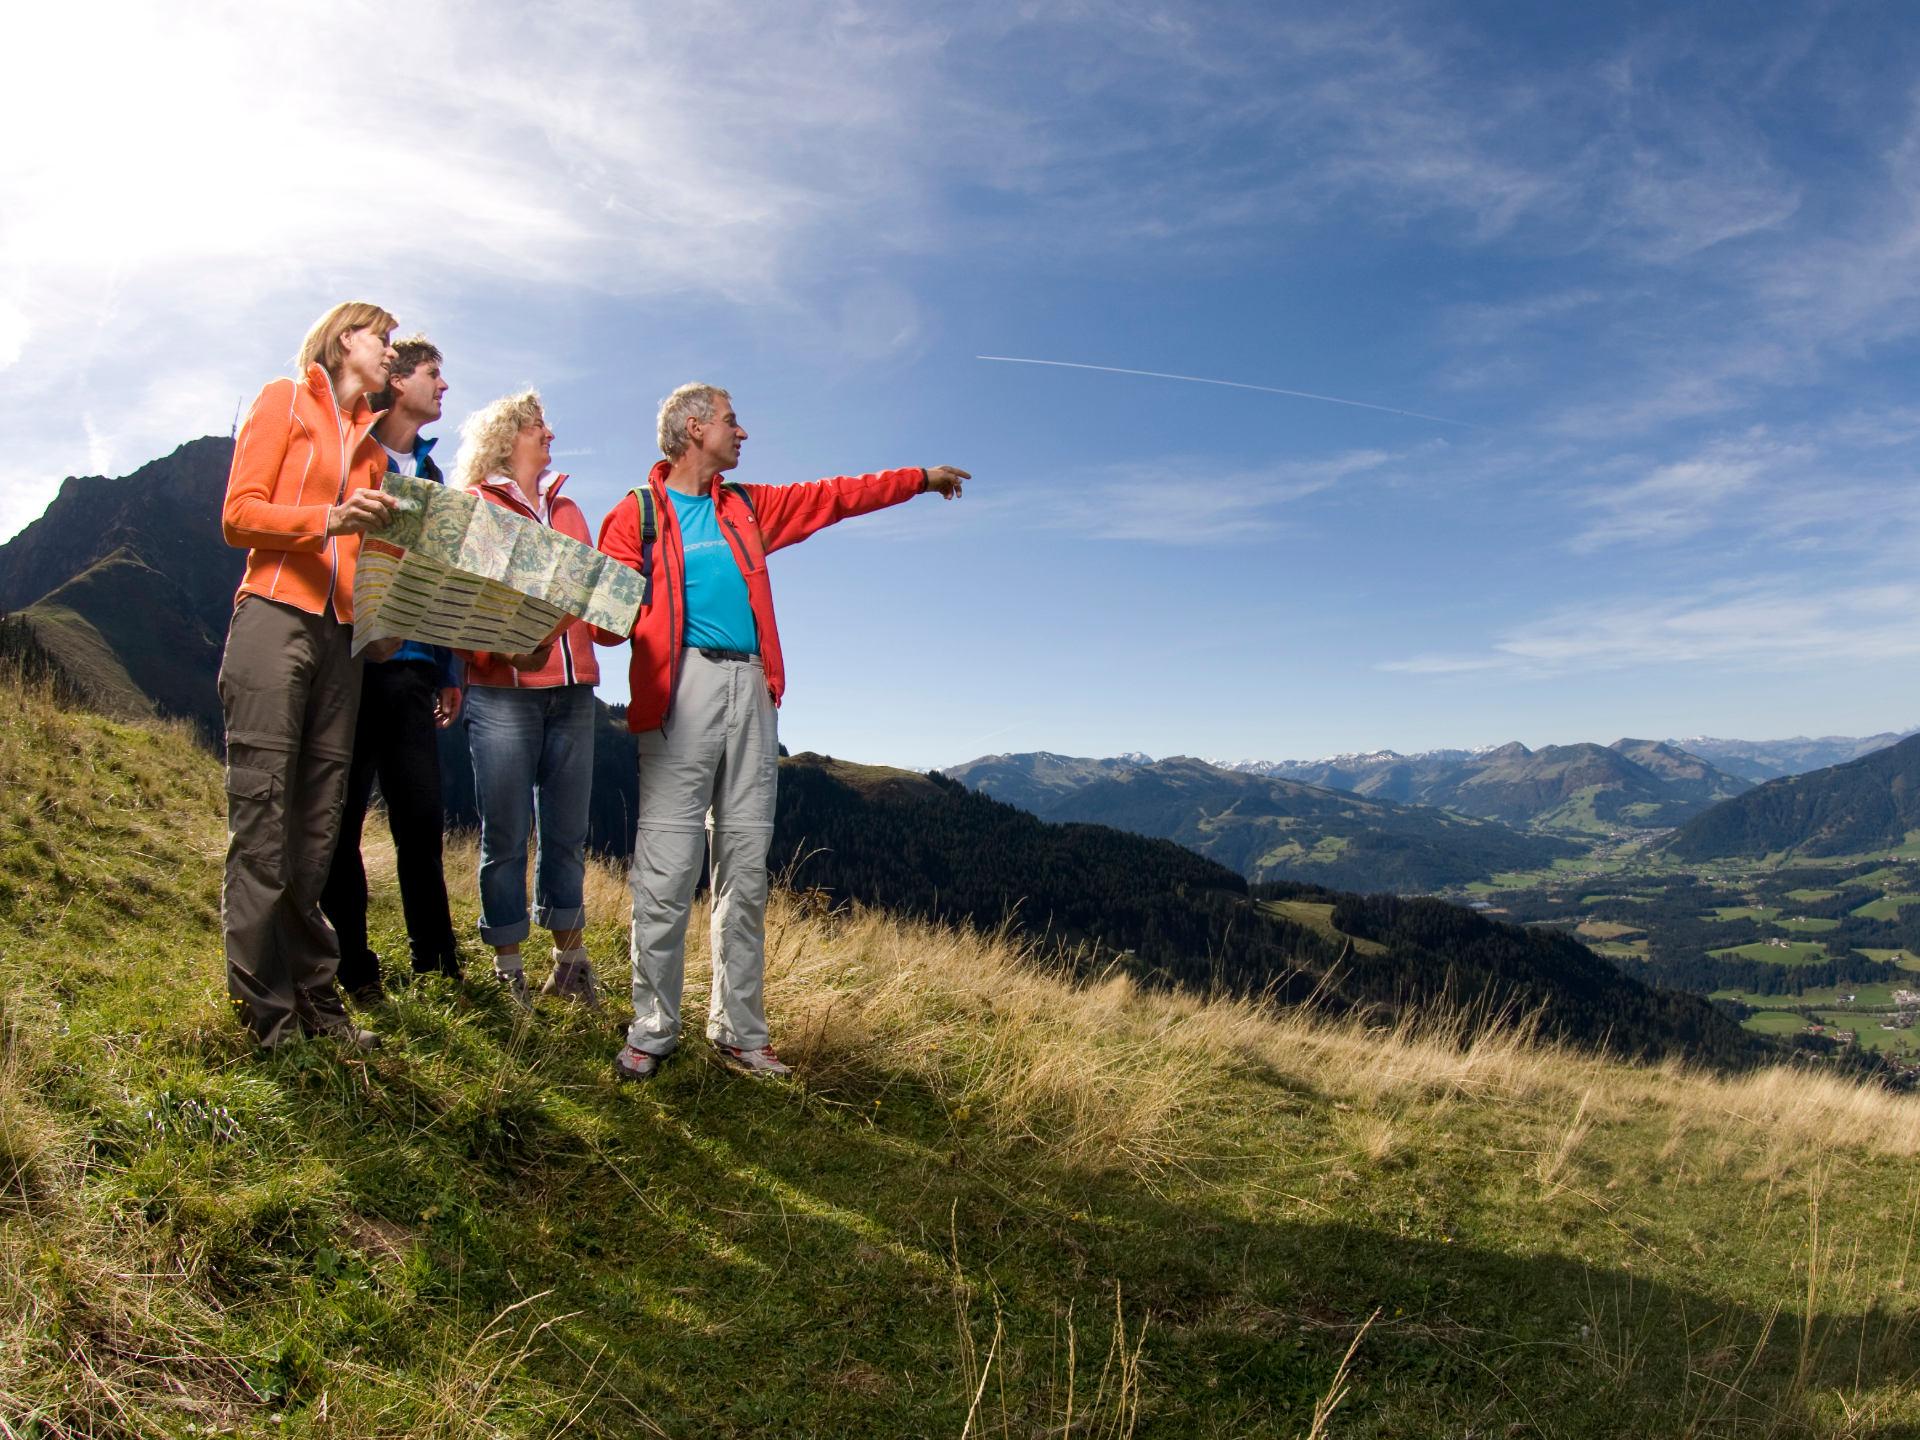 hochfeldalm-st-johann-in-tirol-winter-sommer-wandern